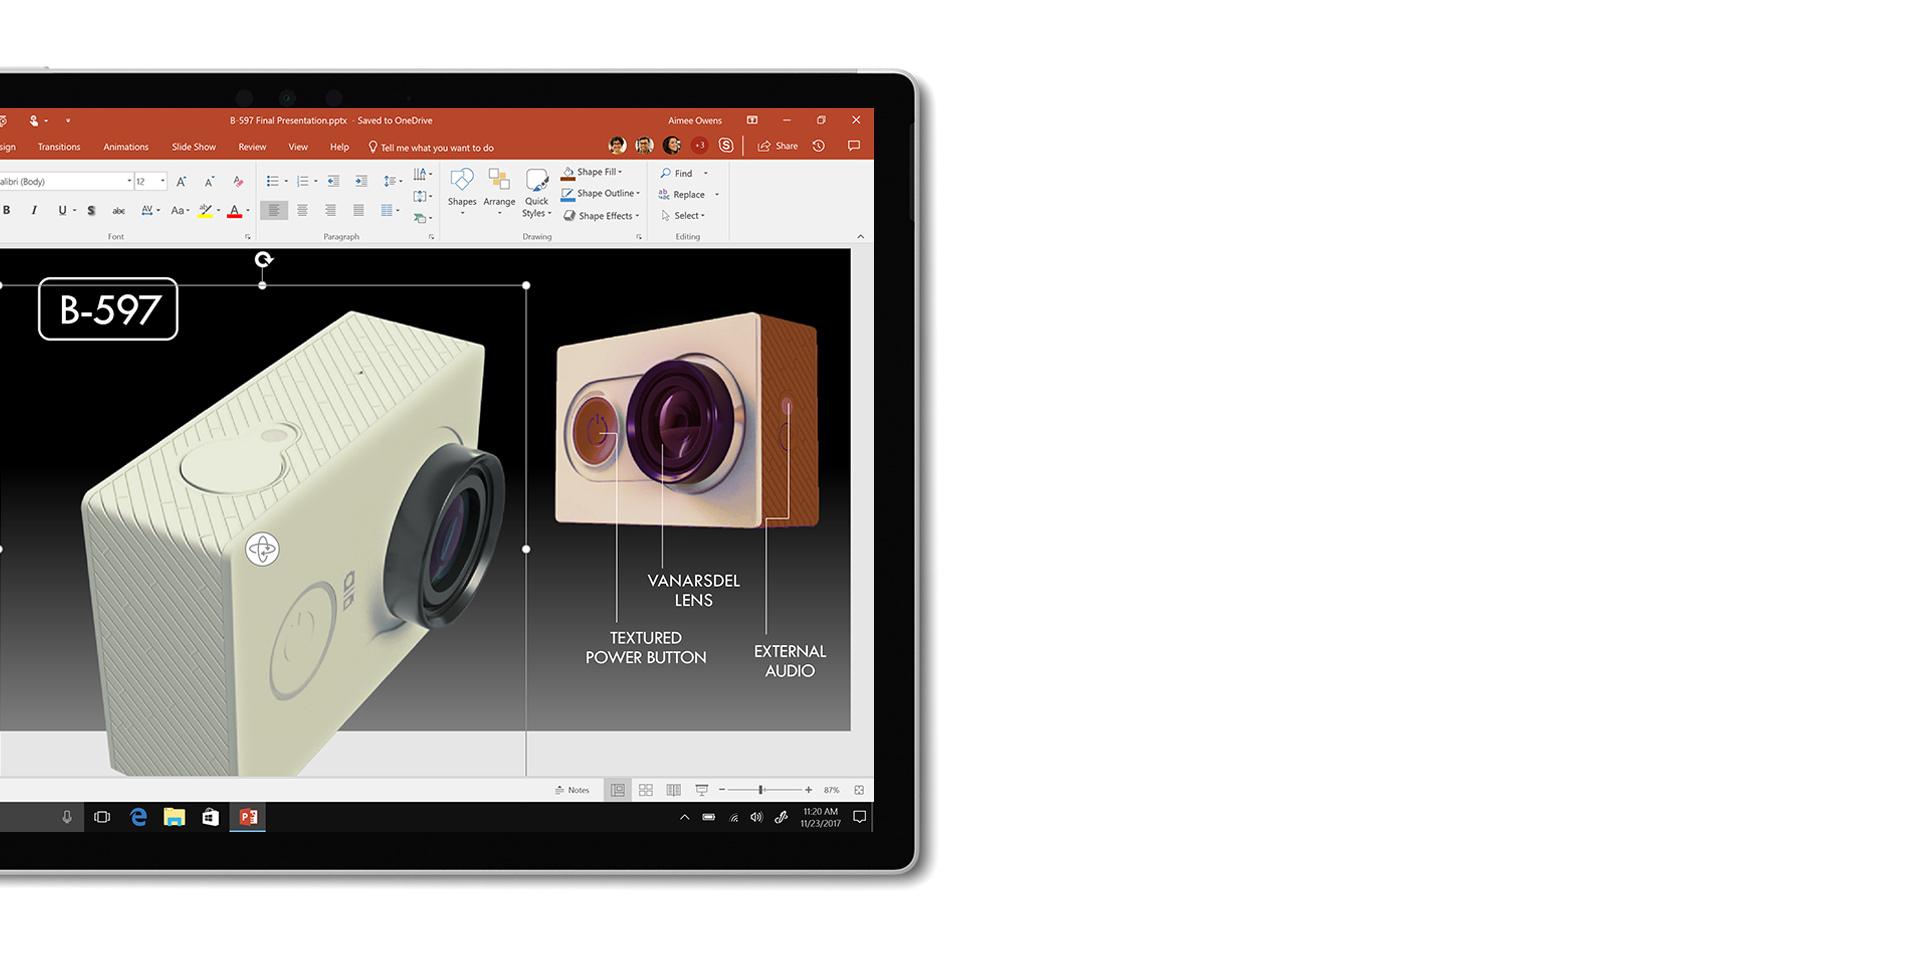 PowerPoint-appen visas på skärmen av Surface Book 2 med tangentbordet frånkopplat.